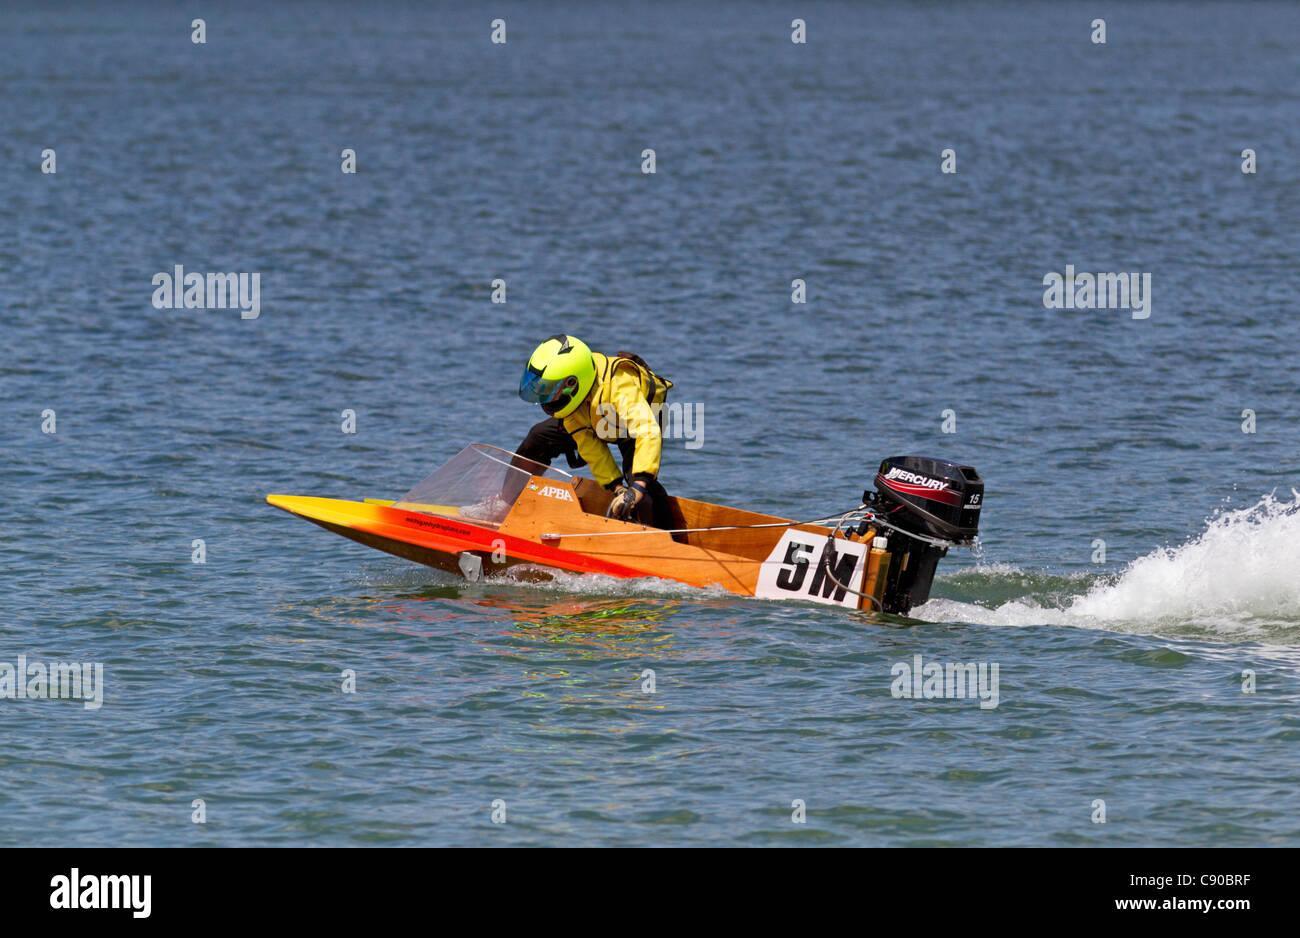 Uomo accelerando lentamente powerboat e il bilanciamento del peso con la potenza del motore. Immagini Stock